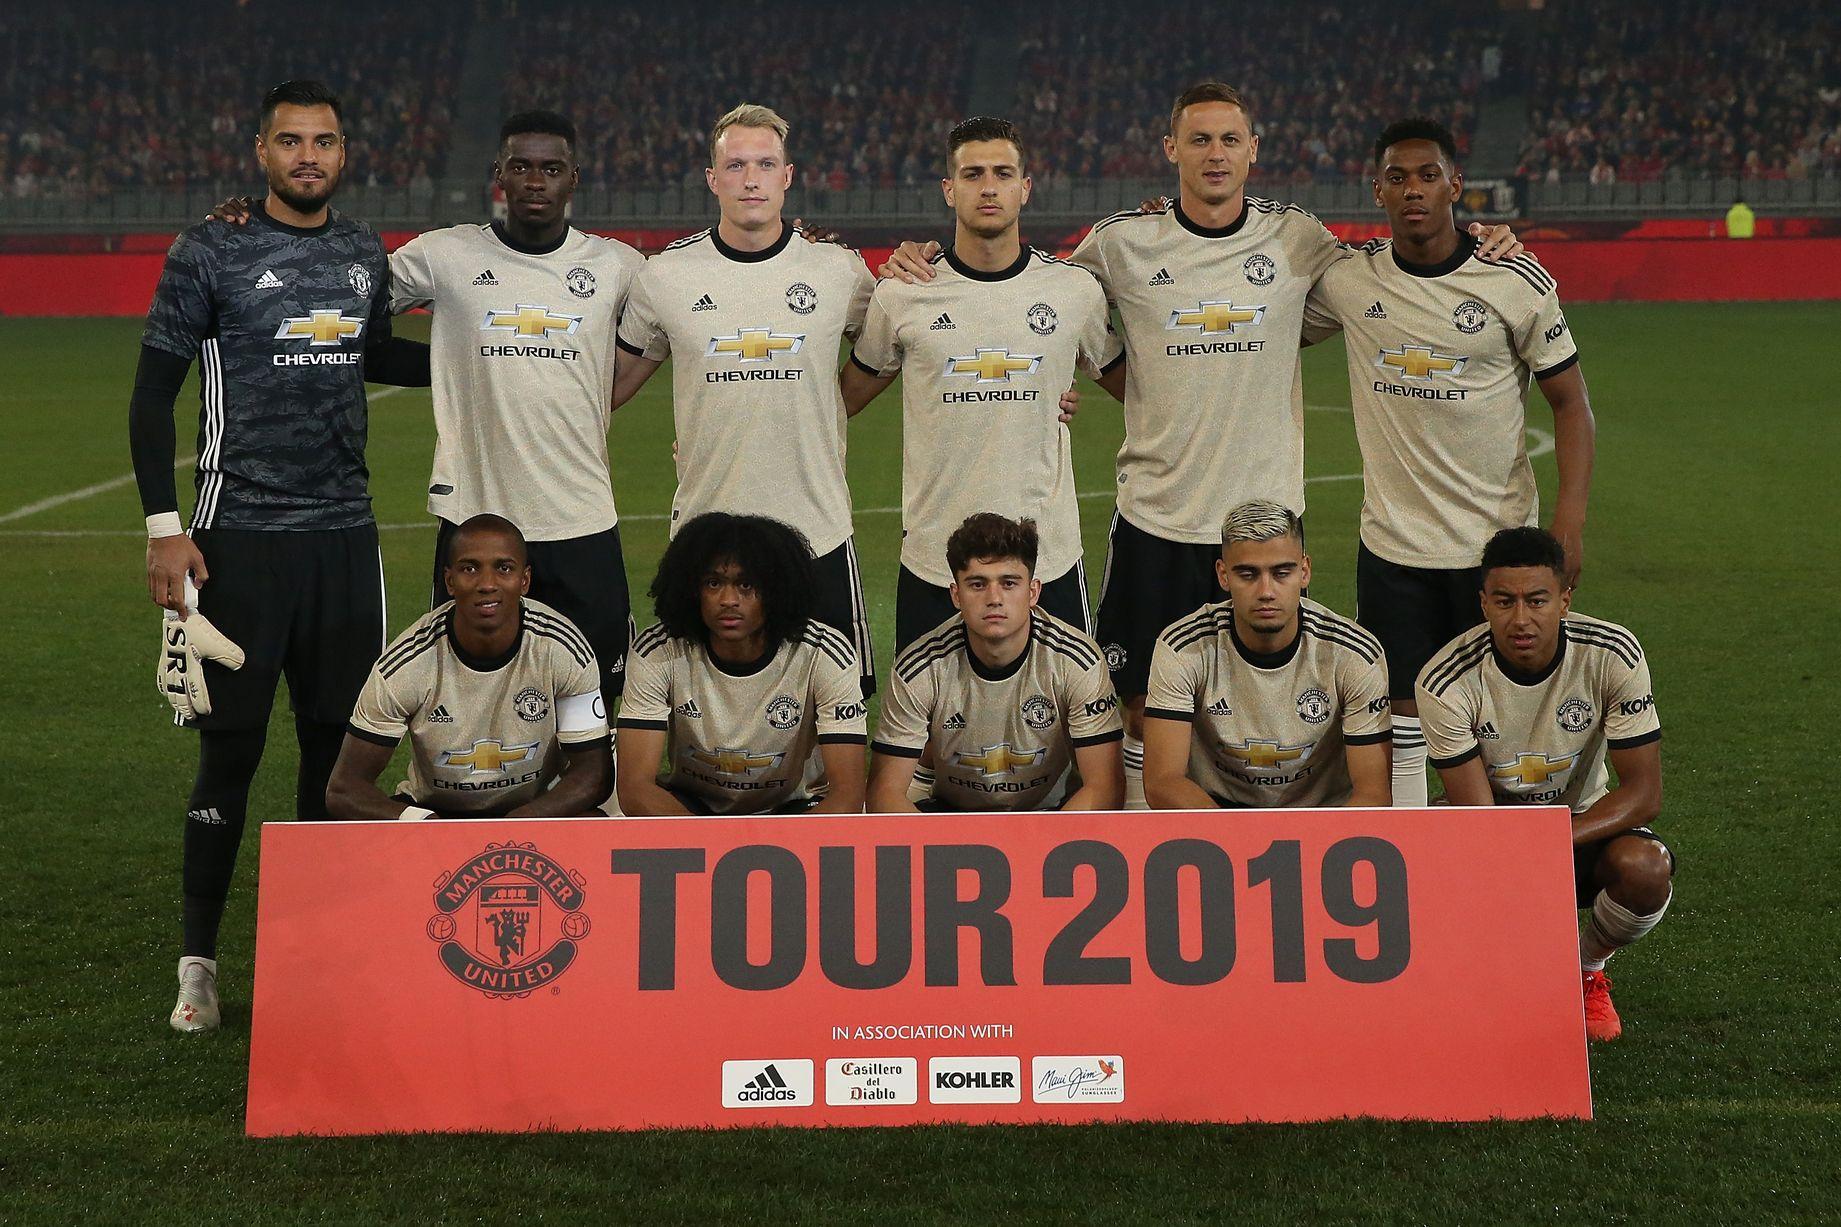 Manchester United player ratings: Daniel James and Marcus Rashford good vs Perth Glory - Bóng Đá